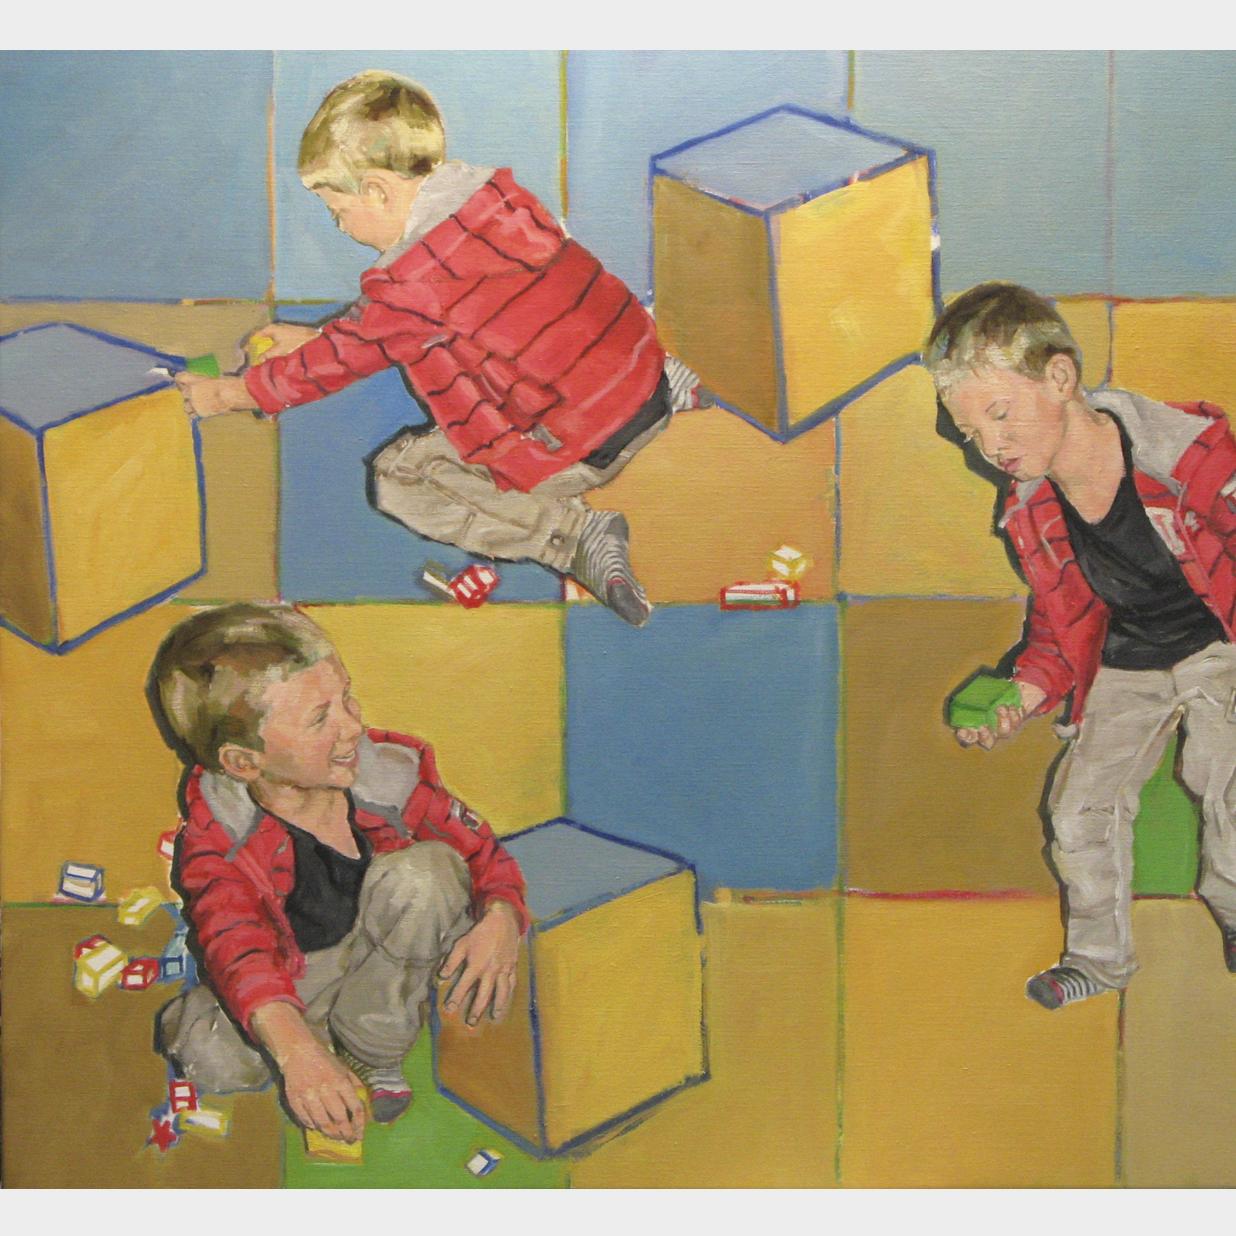 Jelle, olieverf op linnen, 90 x 100 cm, 2012